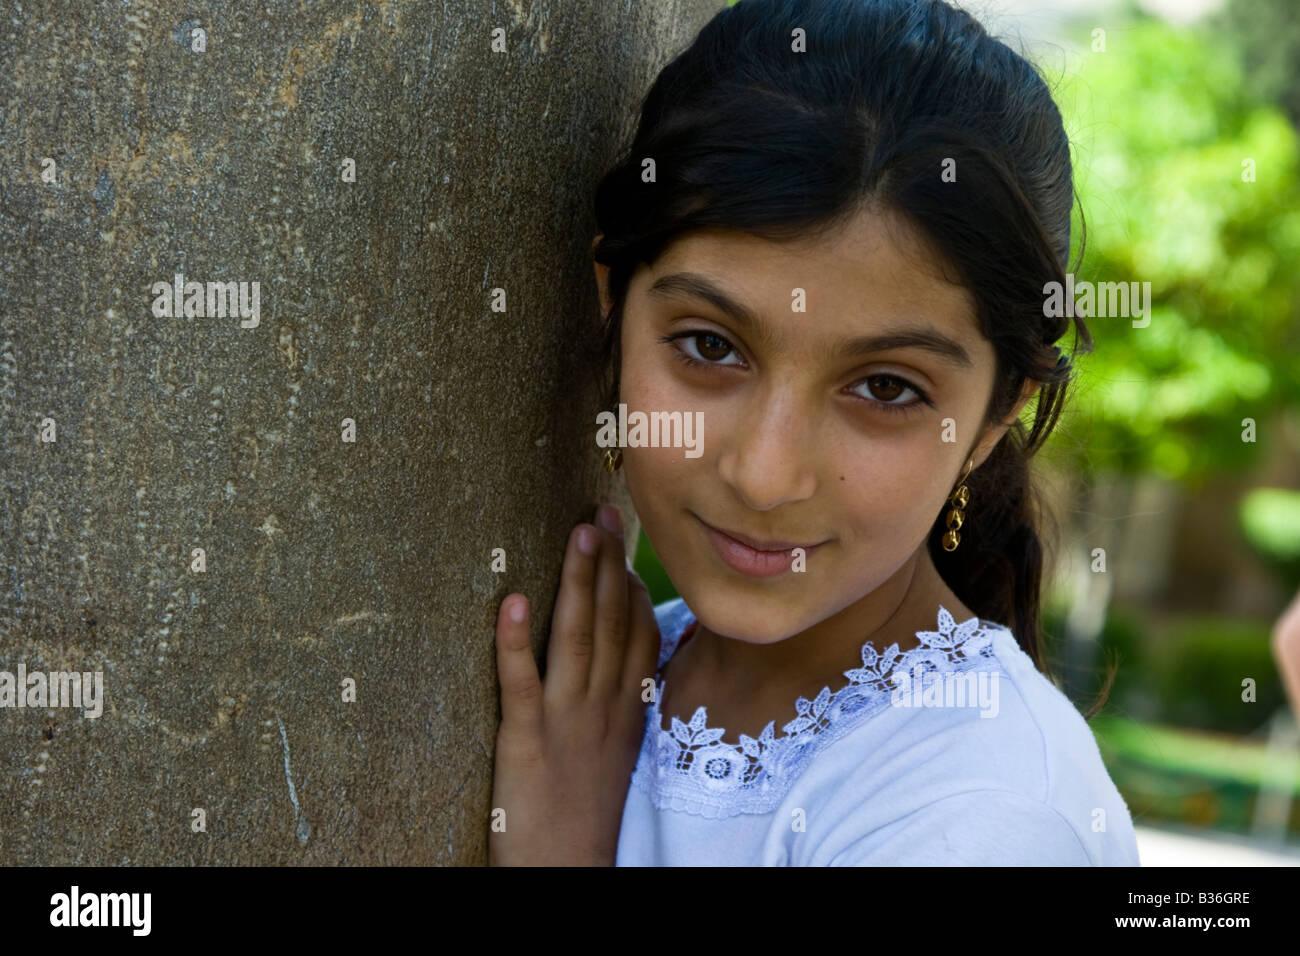 young iranian girl